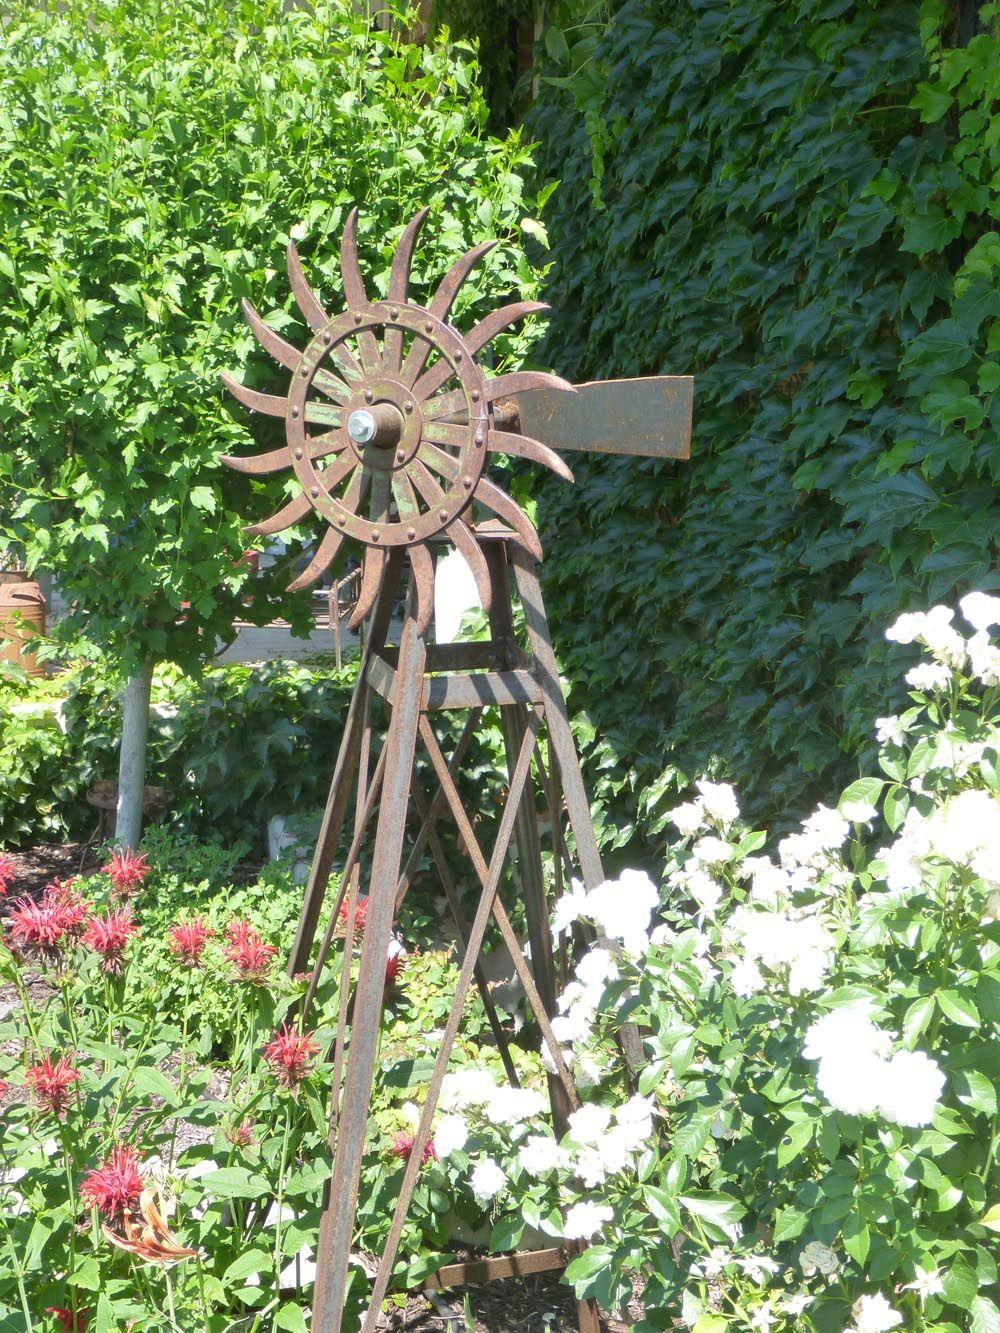 RUSTIC Utah Item # 26: Decorative windmill for use as yard art. Legs ...